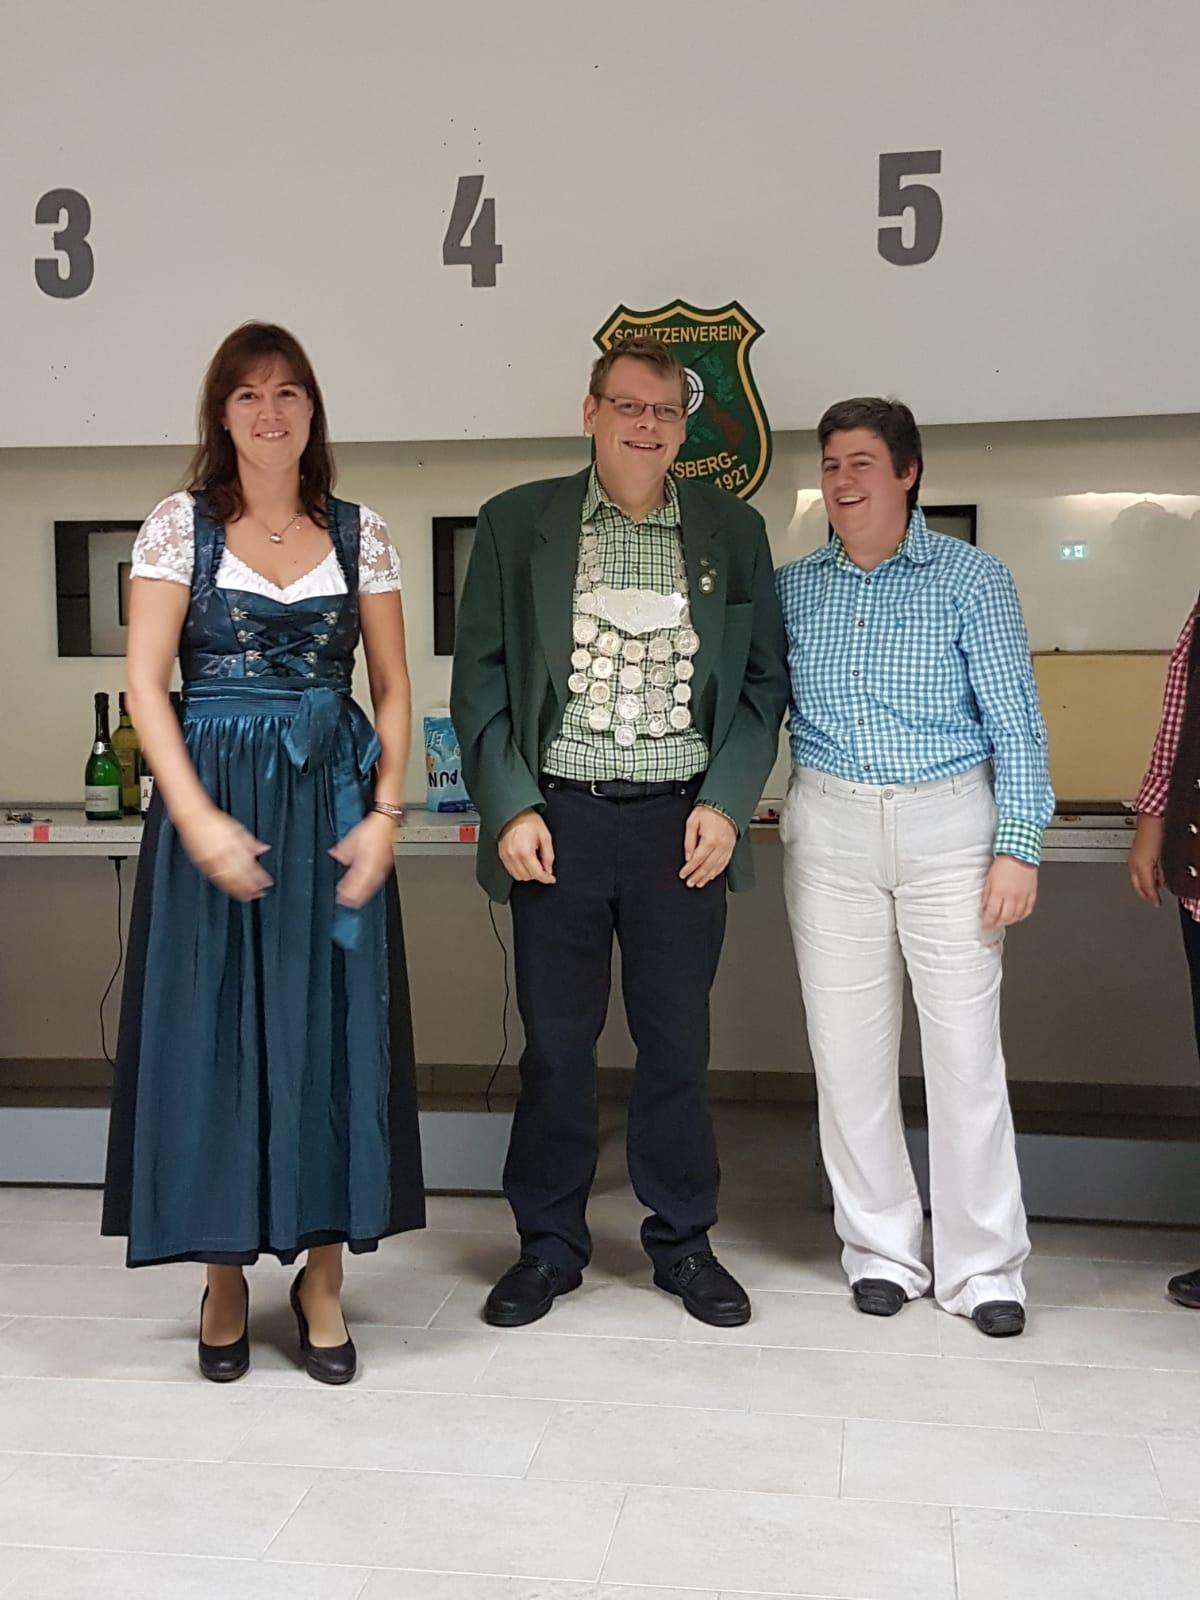 Schützenkönig Tobias Hack und Ritterin zur Rechten Yvonne Eckstein (Stefan Macher fehlte)